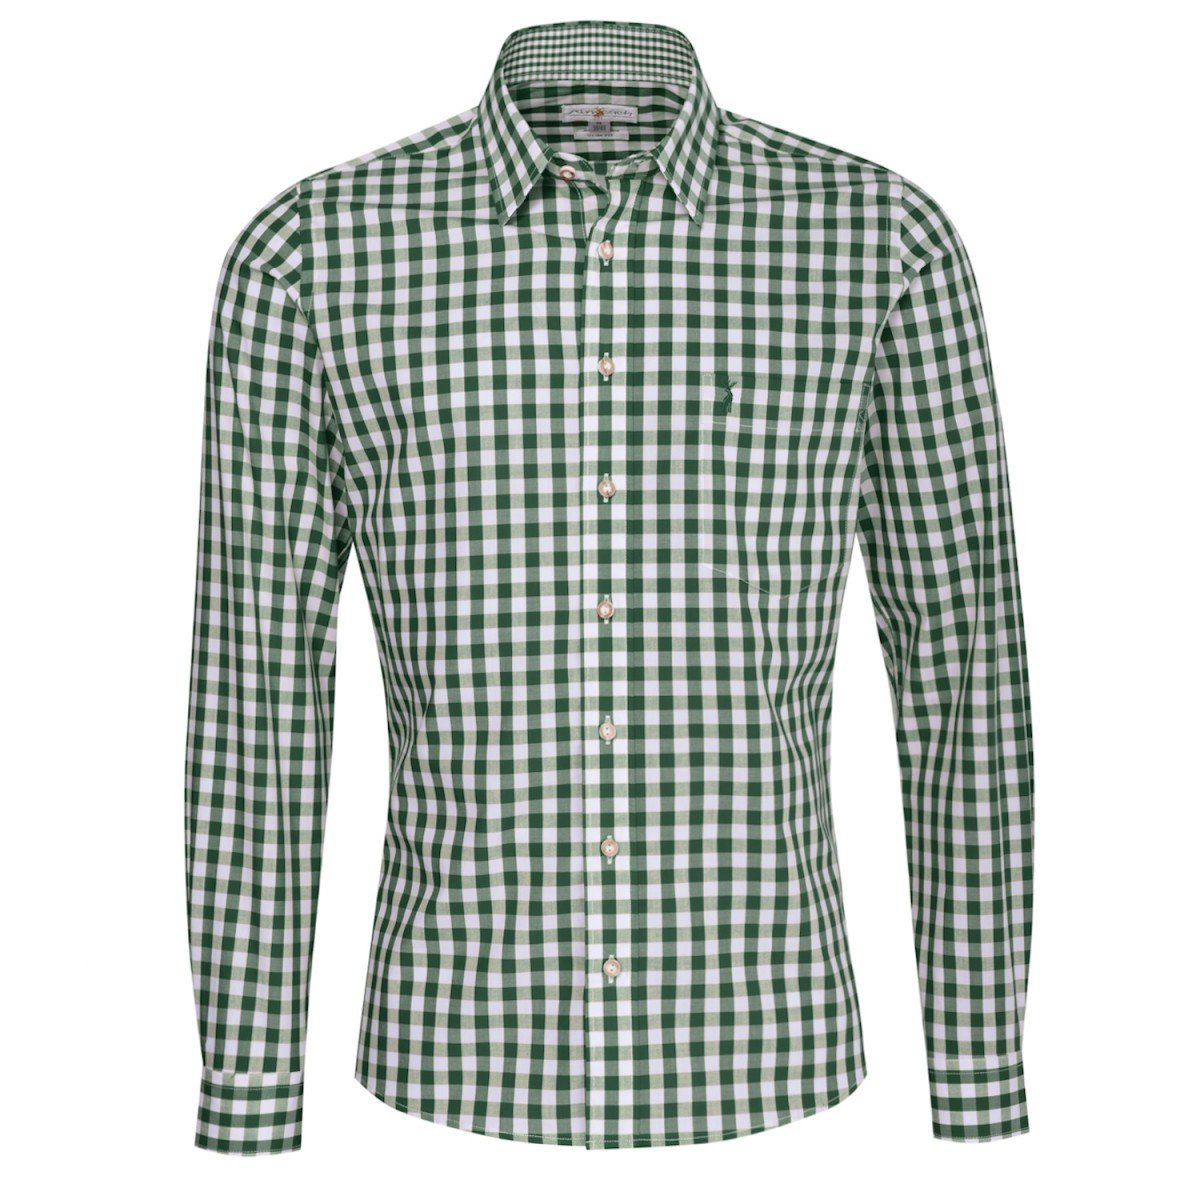 Almsach Trachtenhemd Herbert Slim Fit in Dunkelgrün Inklusive Volksfestfinder Größe:S Farbe:Dunkelgrün